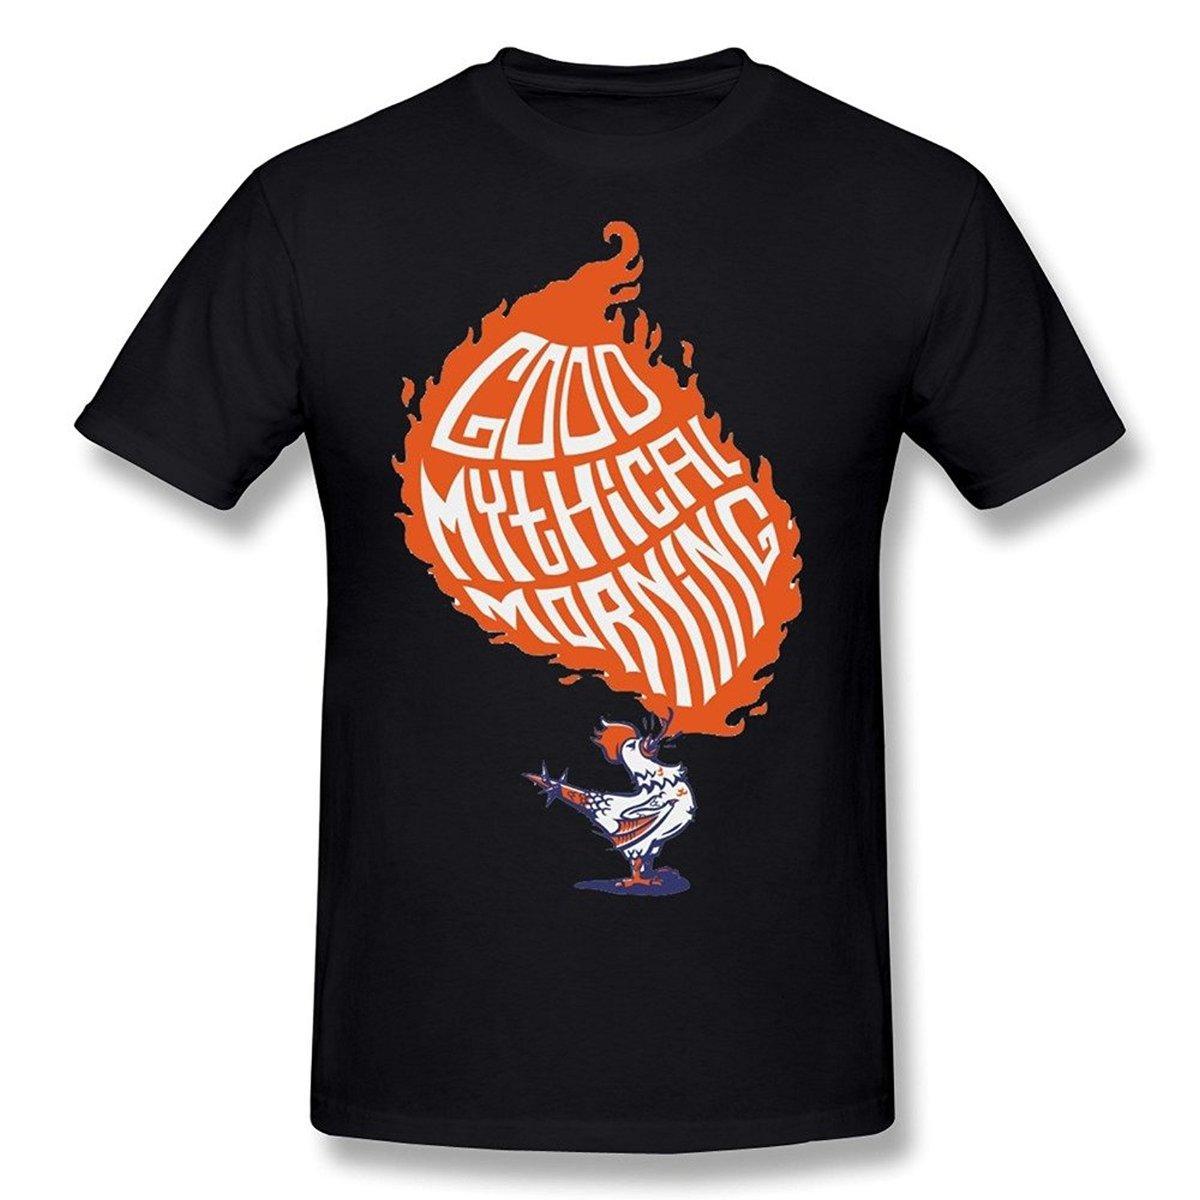 a8723390d0661 Compre Orden Camisetas Personalizadas Cuello Redondo Manga Corta Oficina  Gran Descuento Buena Mañana Mítica En Pinterest Logo Camiseta A  11.0 Del  ...